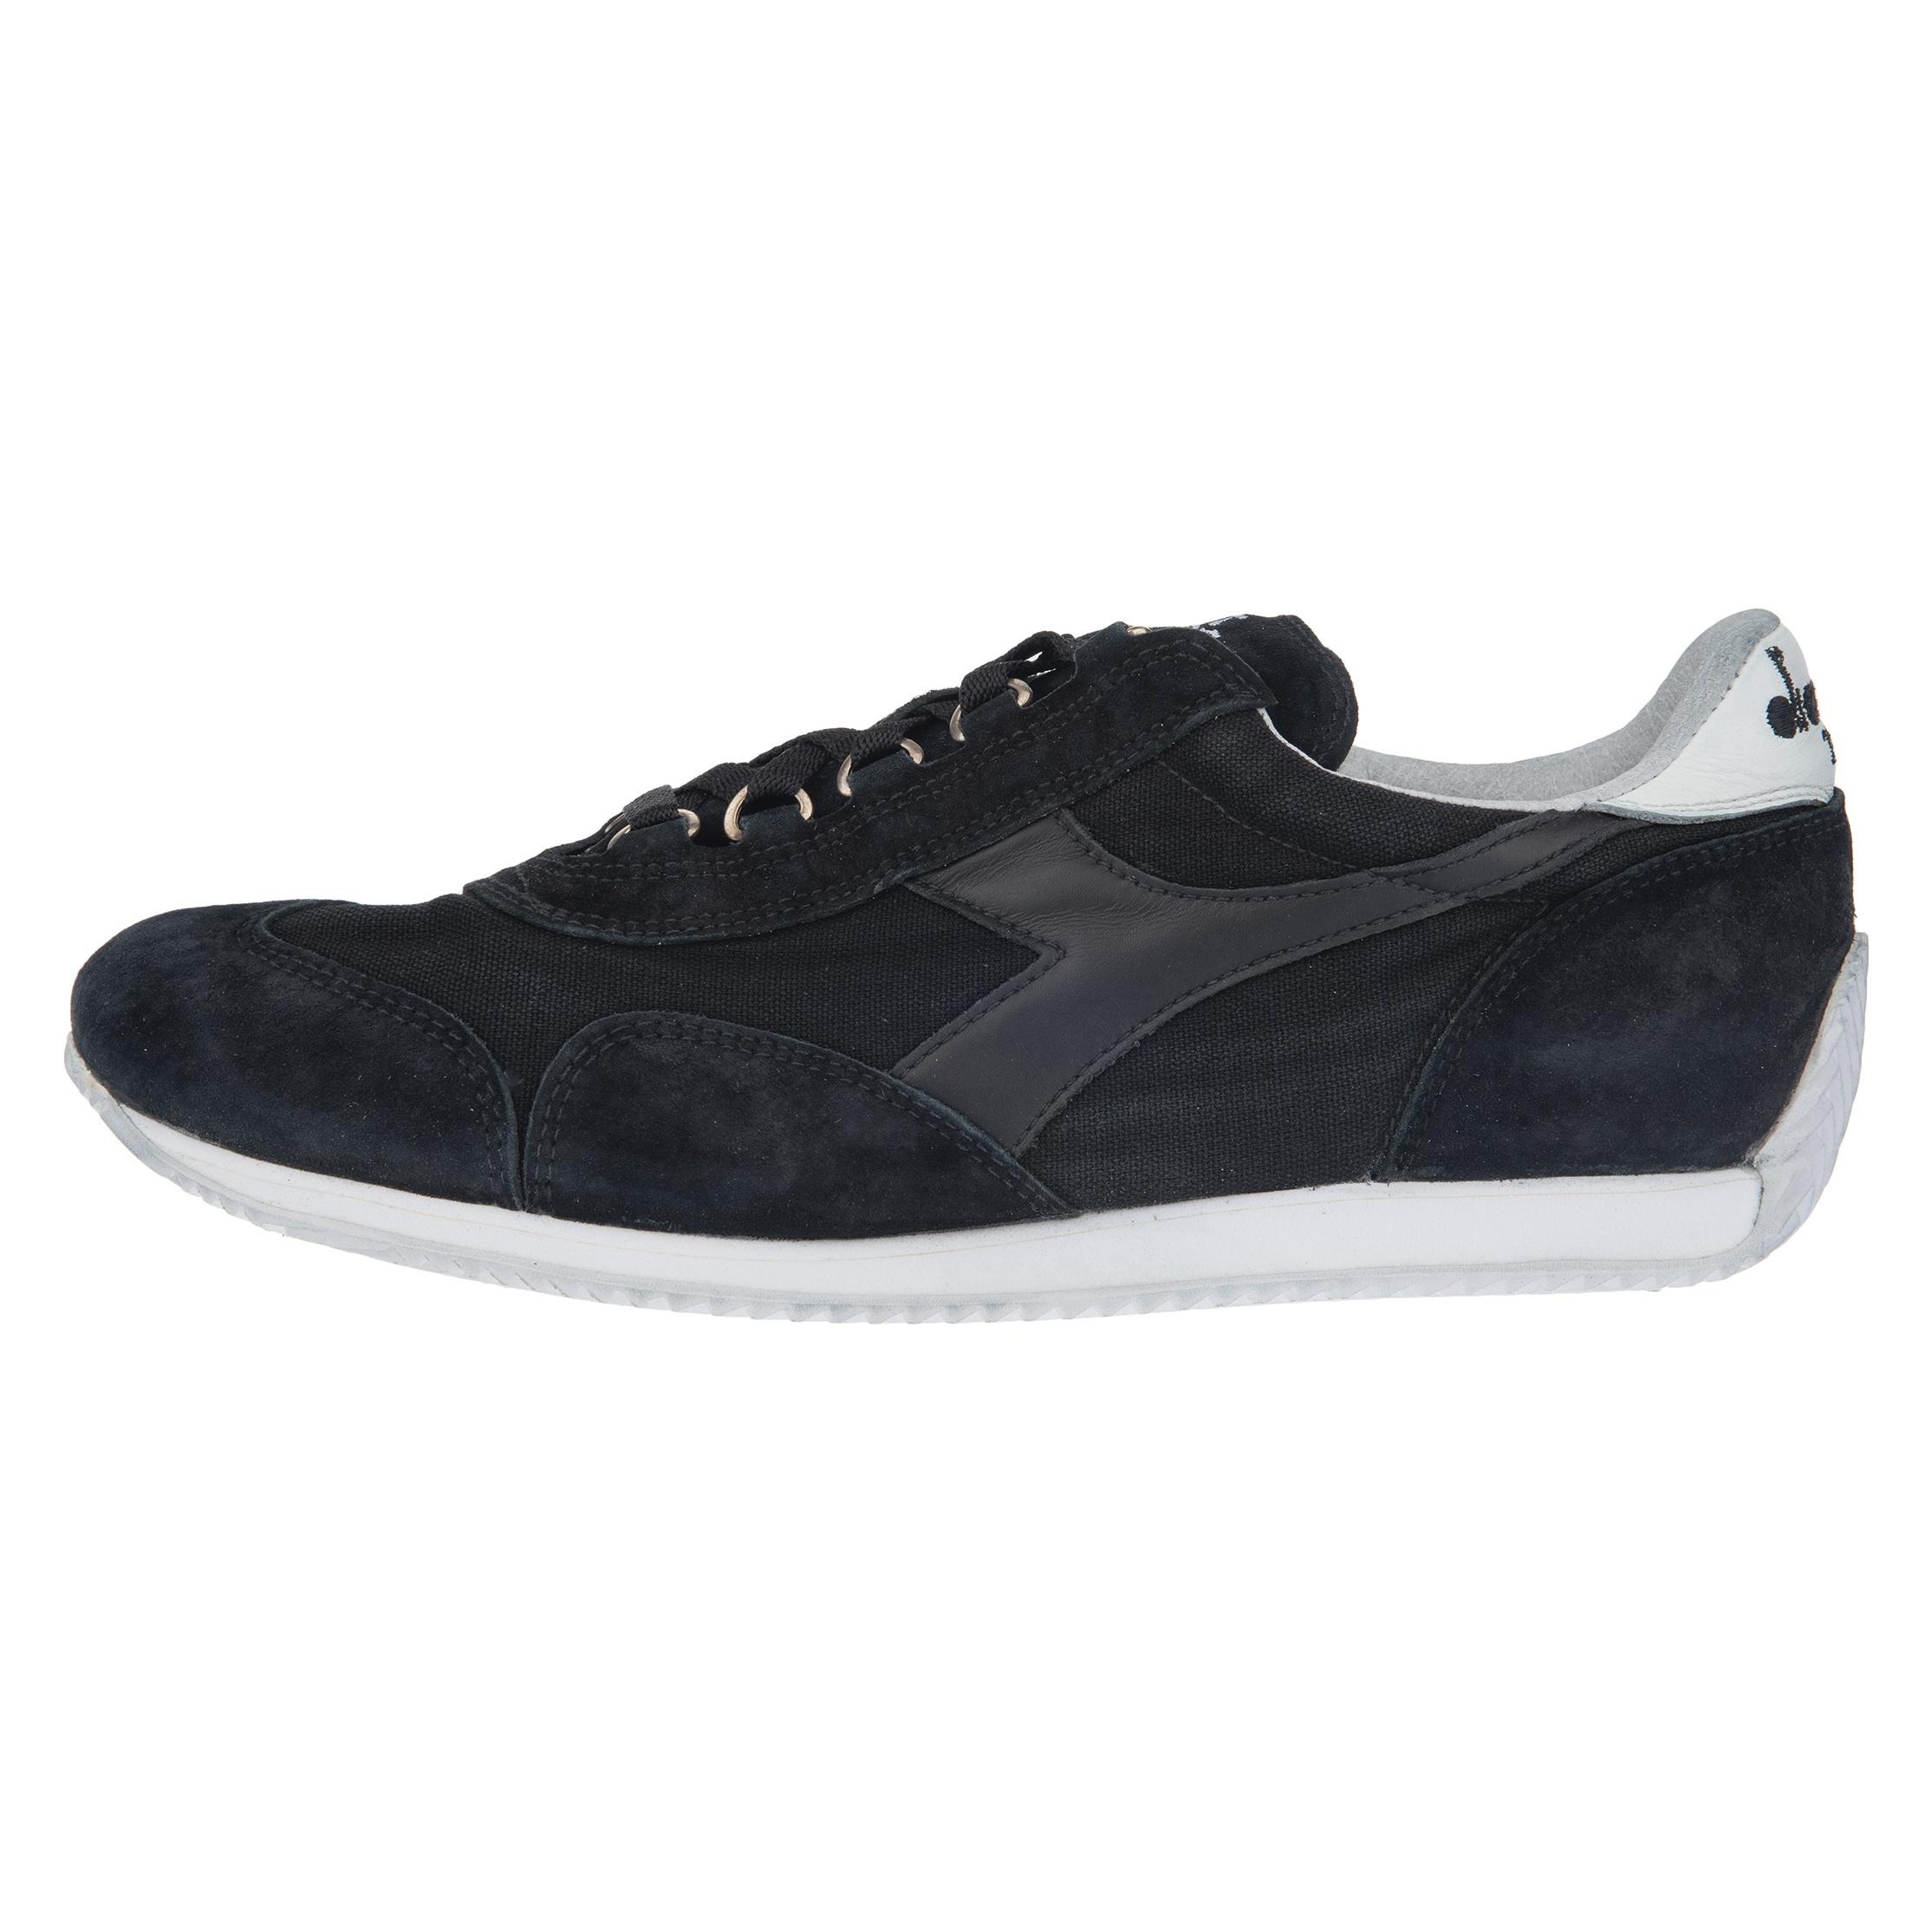 کفش مخصوص پیاده روی مردانه دیادورا کد Equipe 156988-0200